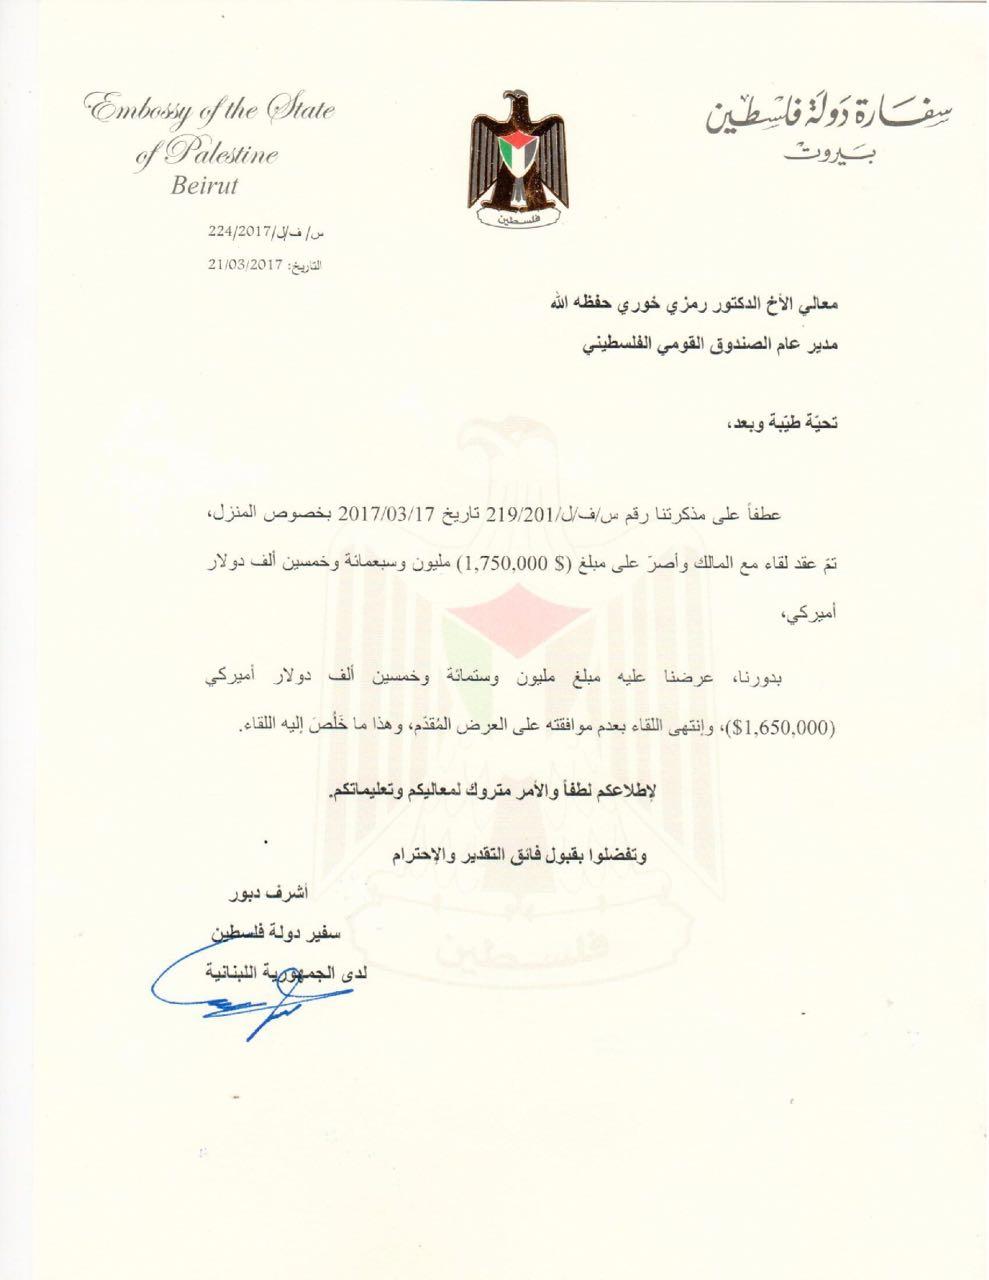 وثيقة تثبت تخصيص سفارة فلسطين ببيروت مبلغ مالى ضخم لشراء منزل للسفير